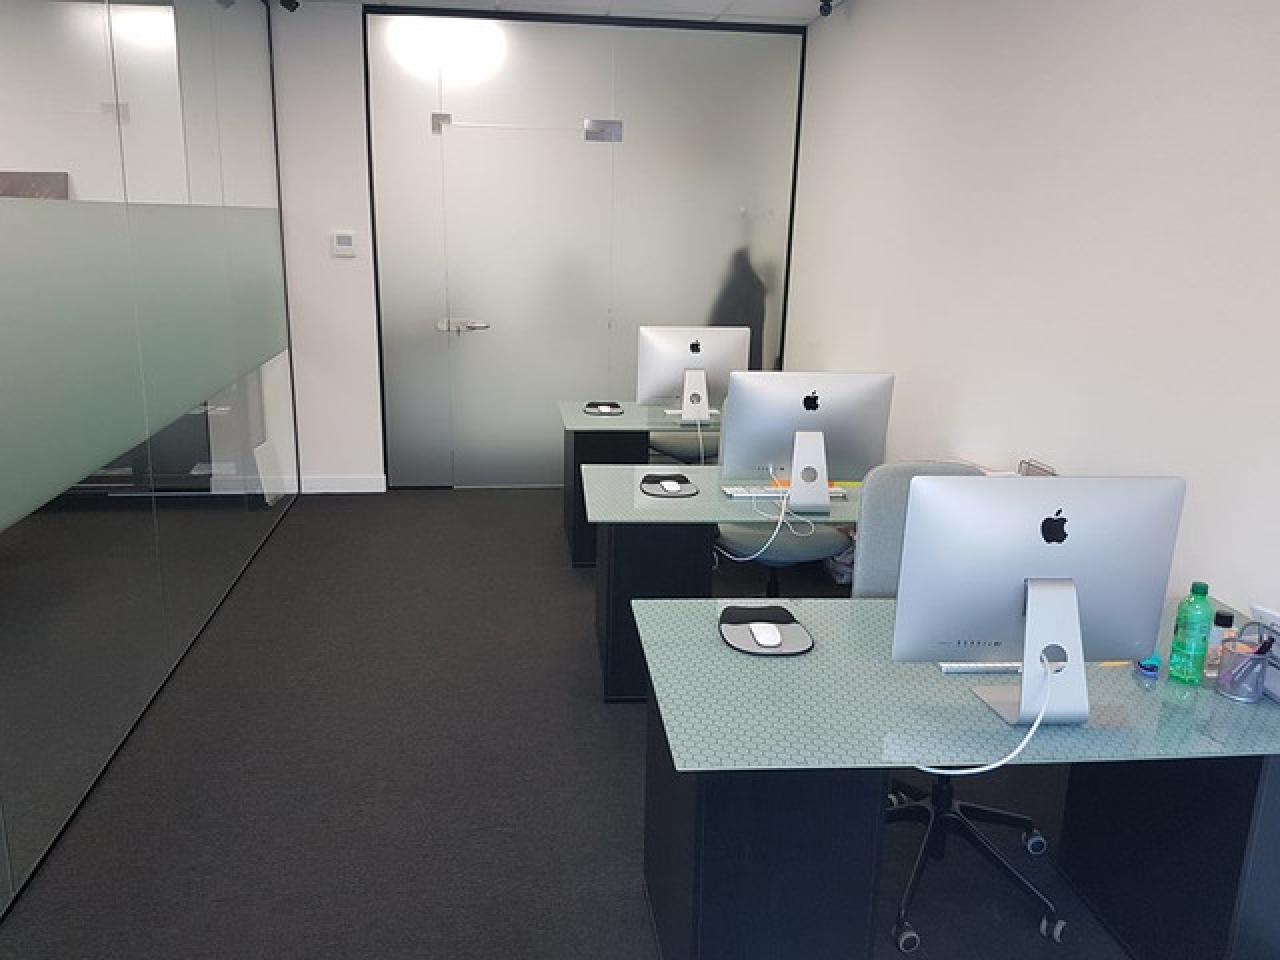 Сдается рабочее место или часть офиса с доступом в Meeting room. - 4/7